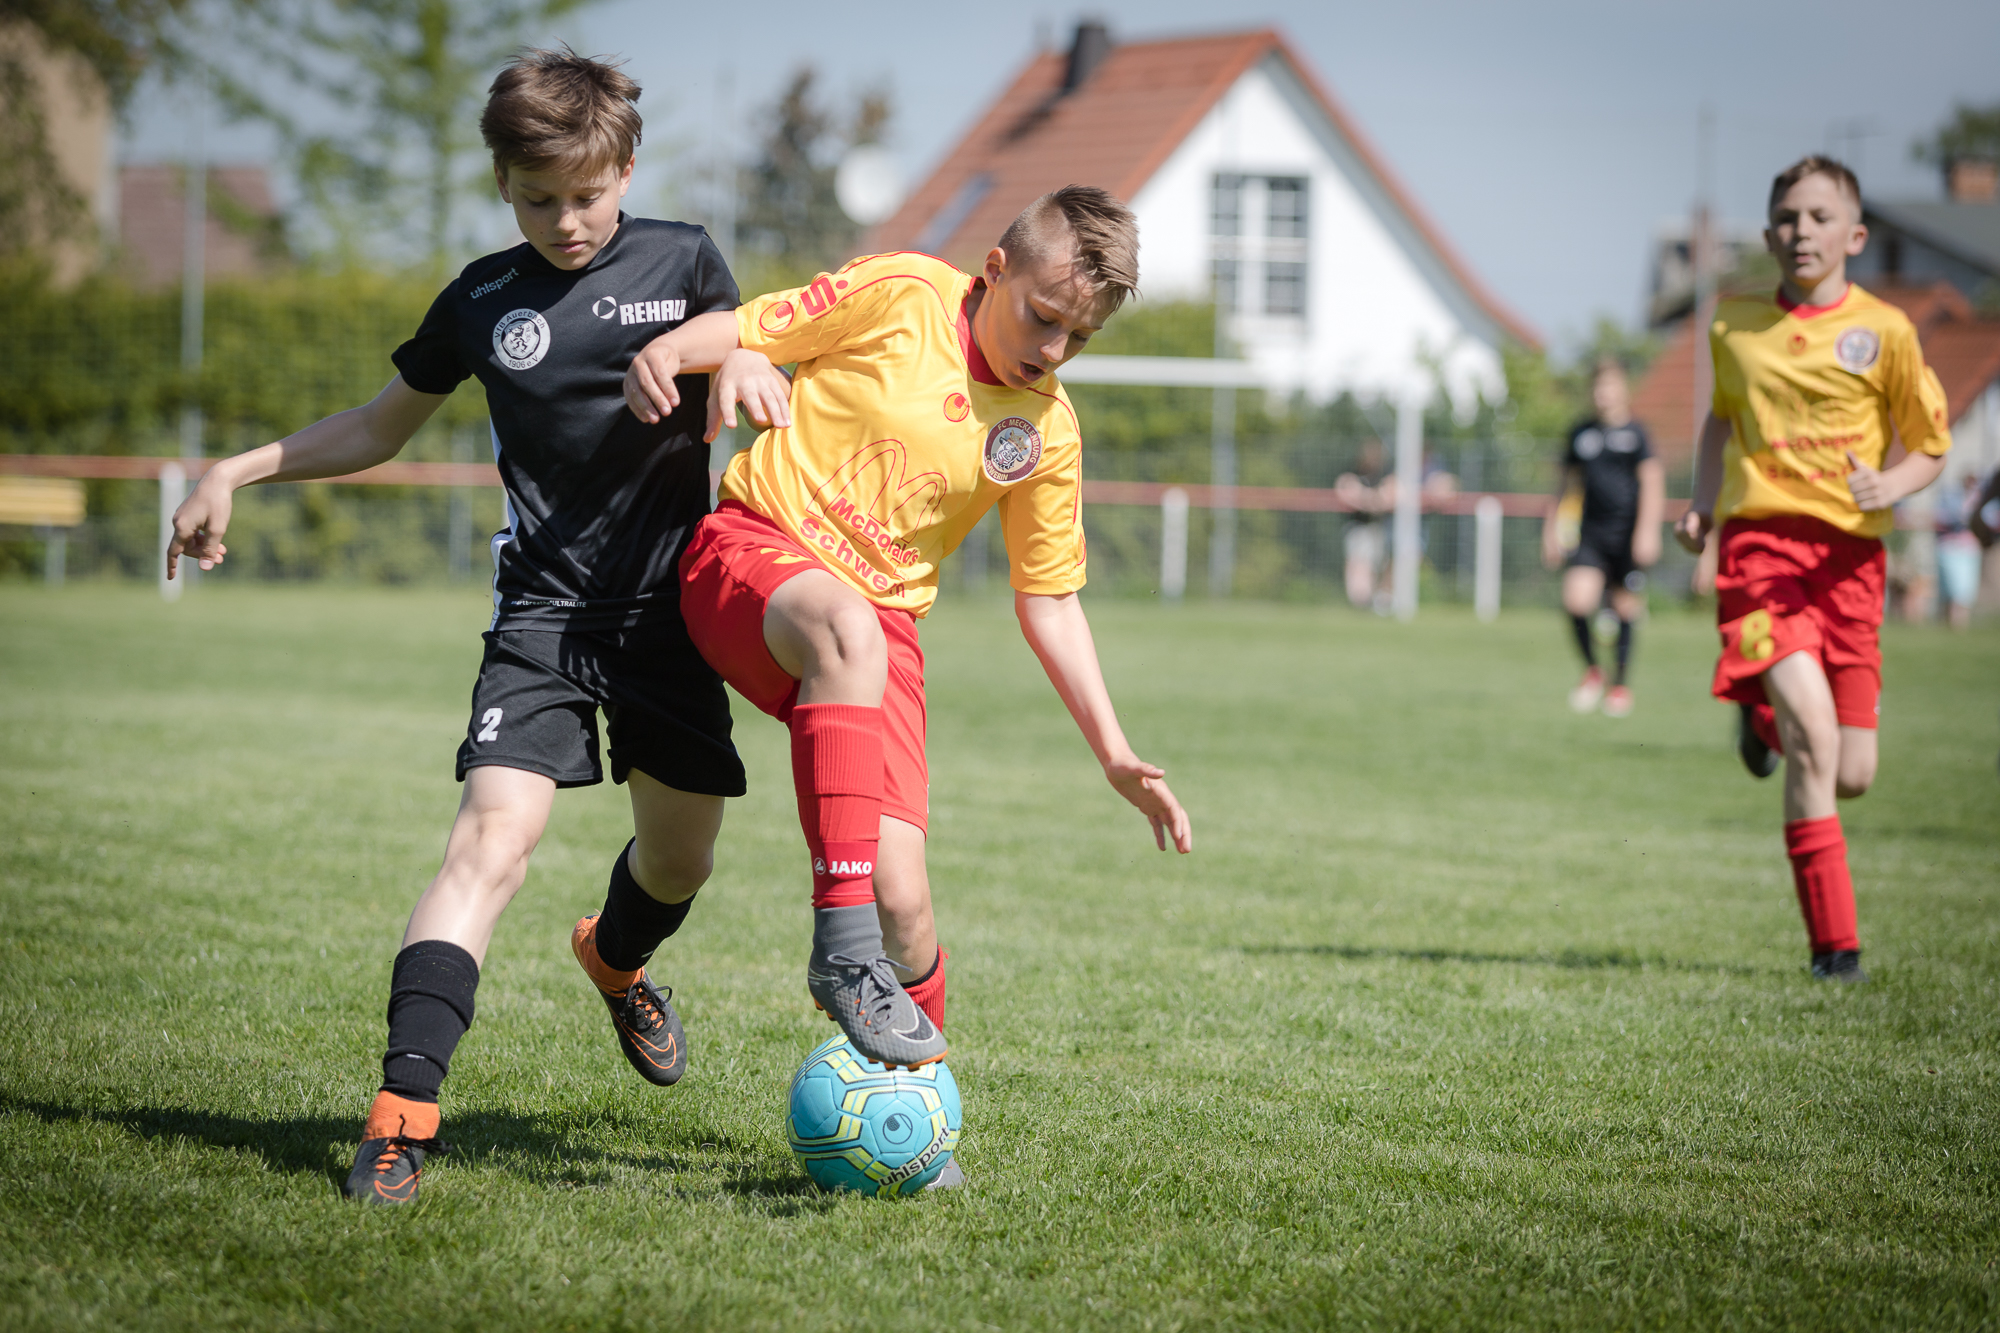 Spielszene 1. Ostthüringencup U12 - Mecklenburg / Schwerin gegen VfB Auerbach in Pölzig 050518